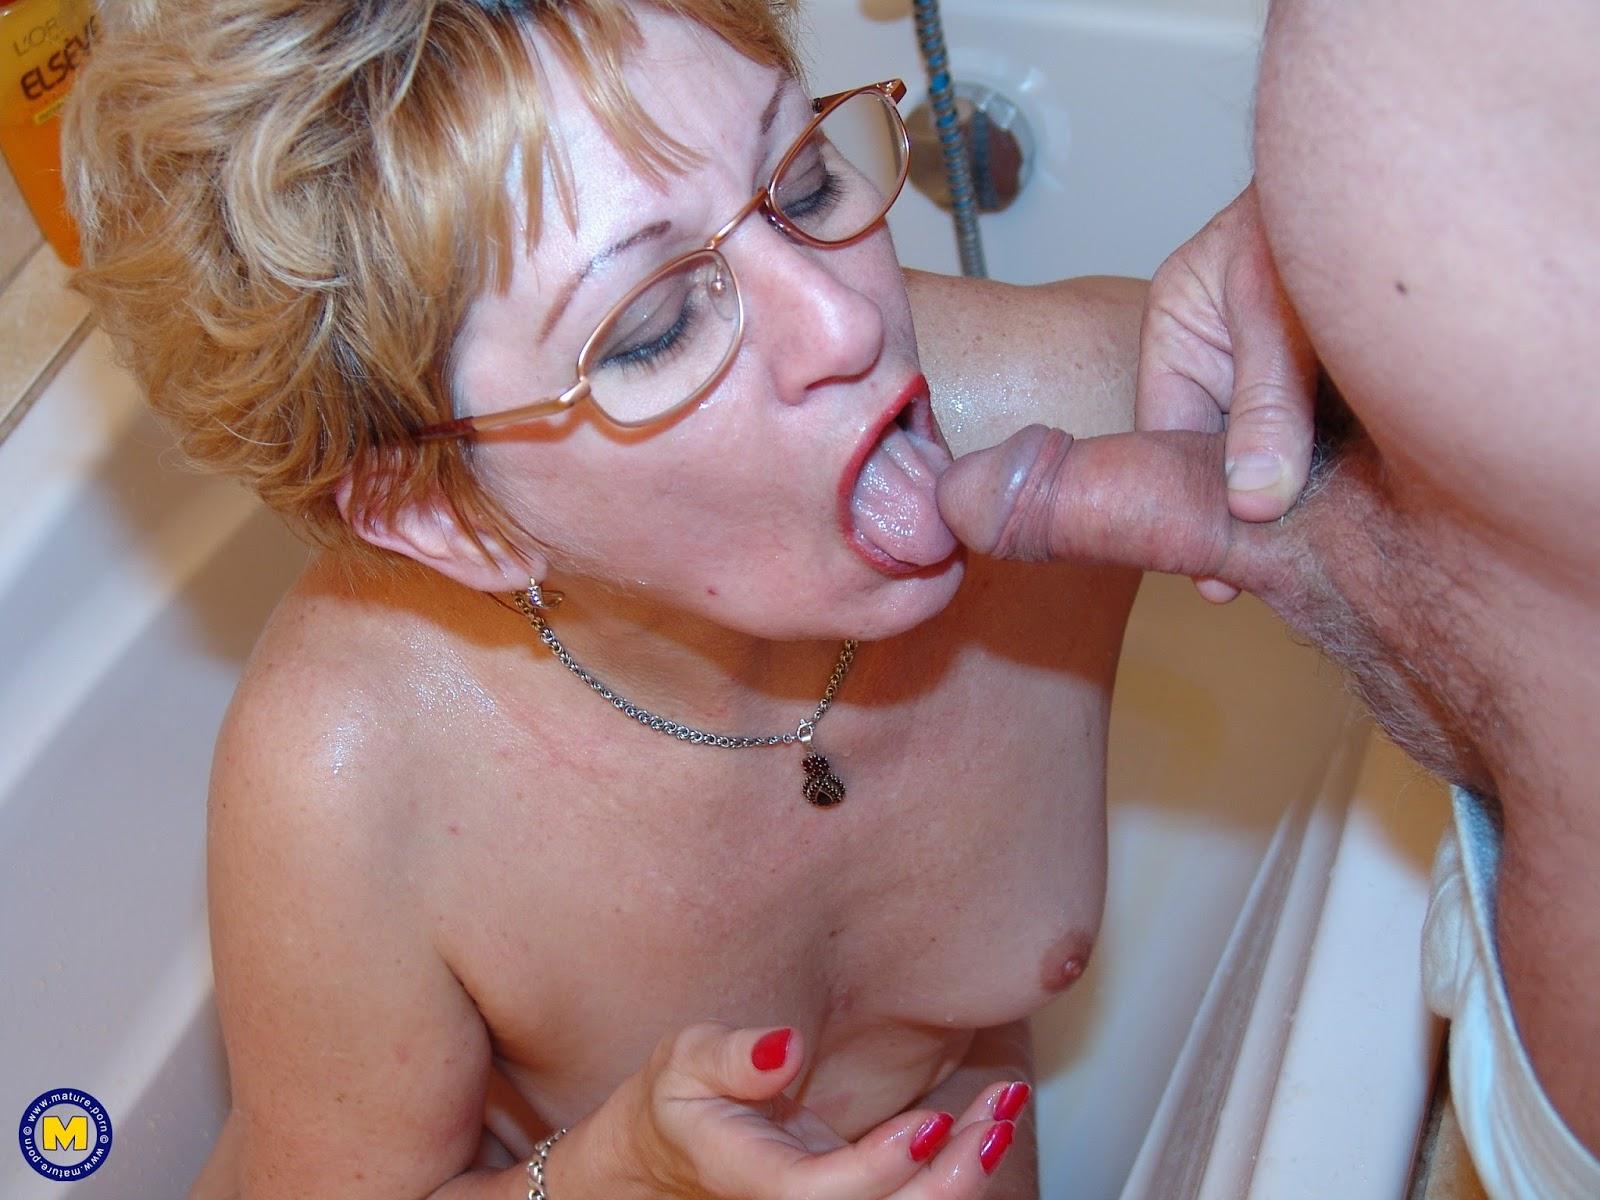 Сперма в рот зрелым женщинам ролики, Порно видео онлайн: ЗрелыеКончают в рот 25 фотография